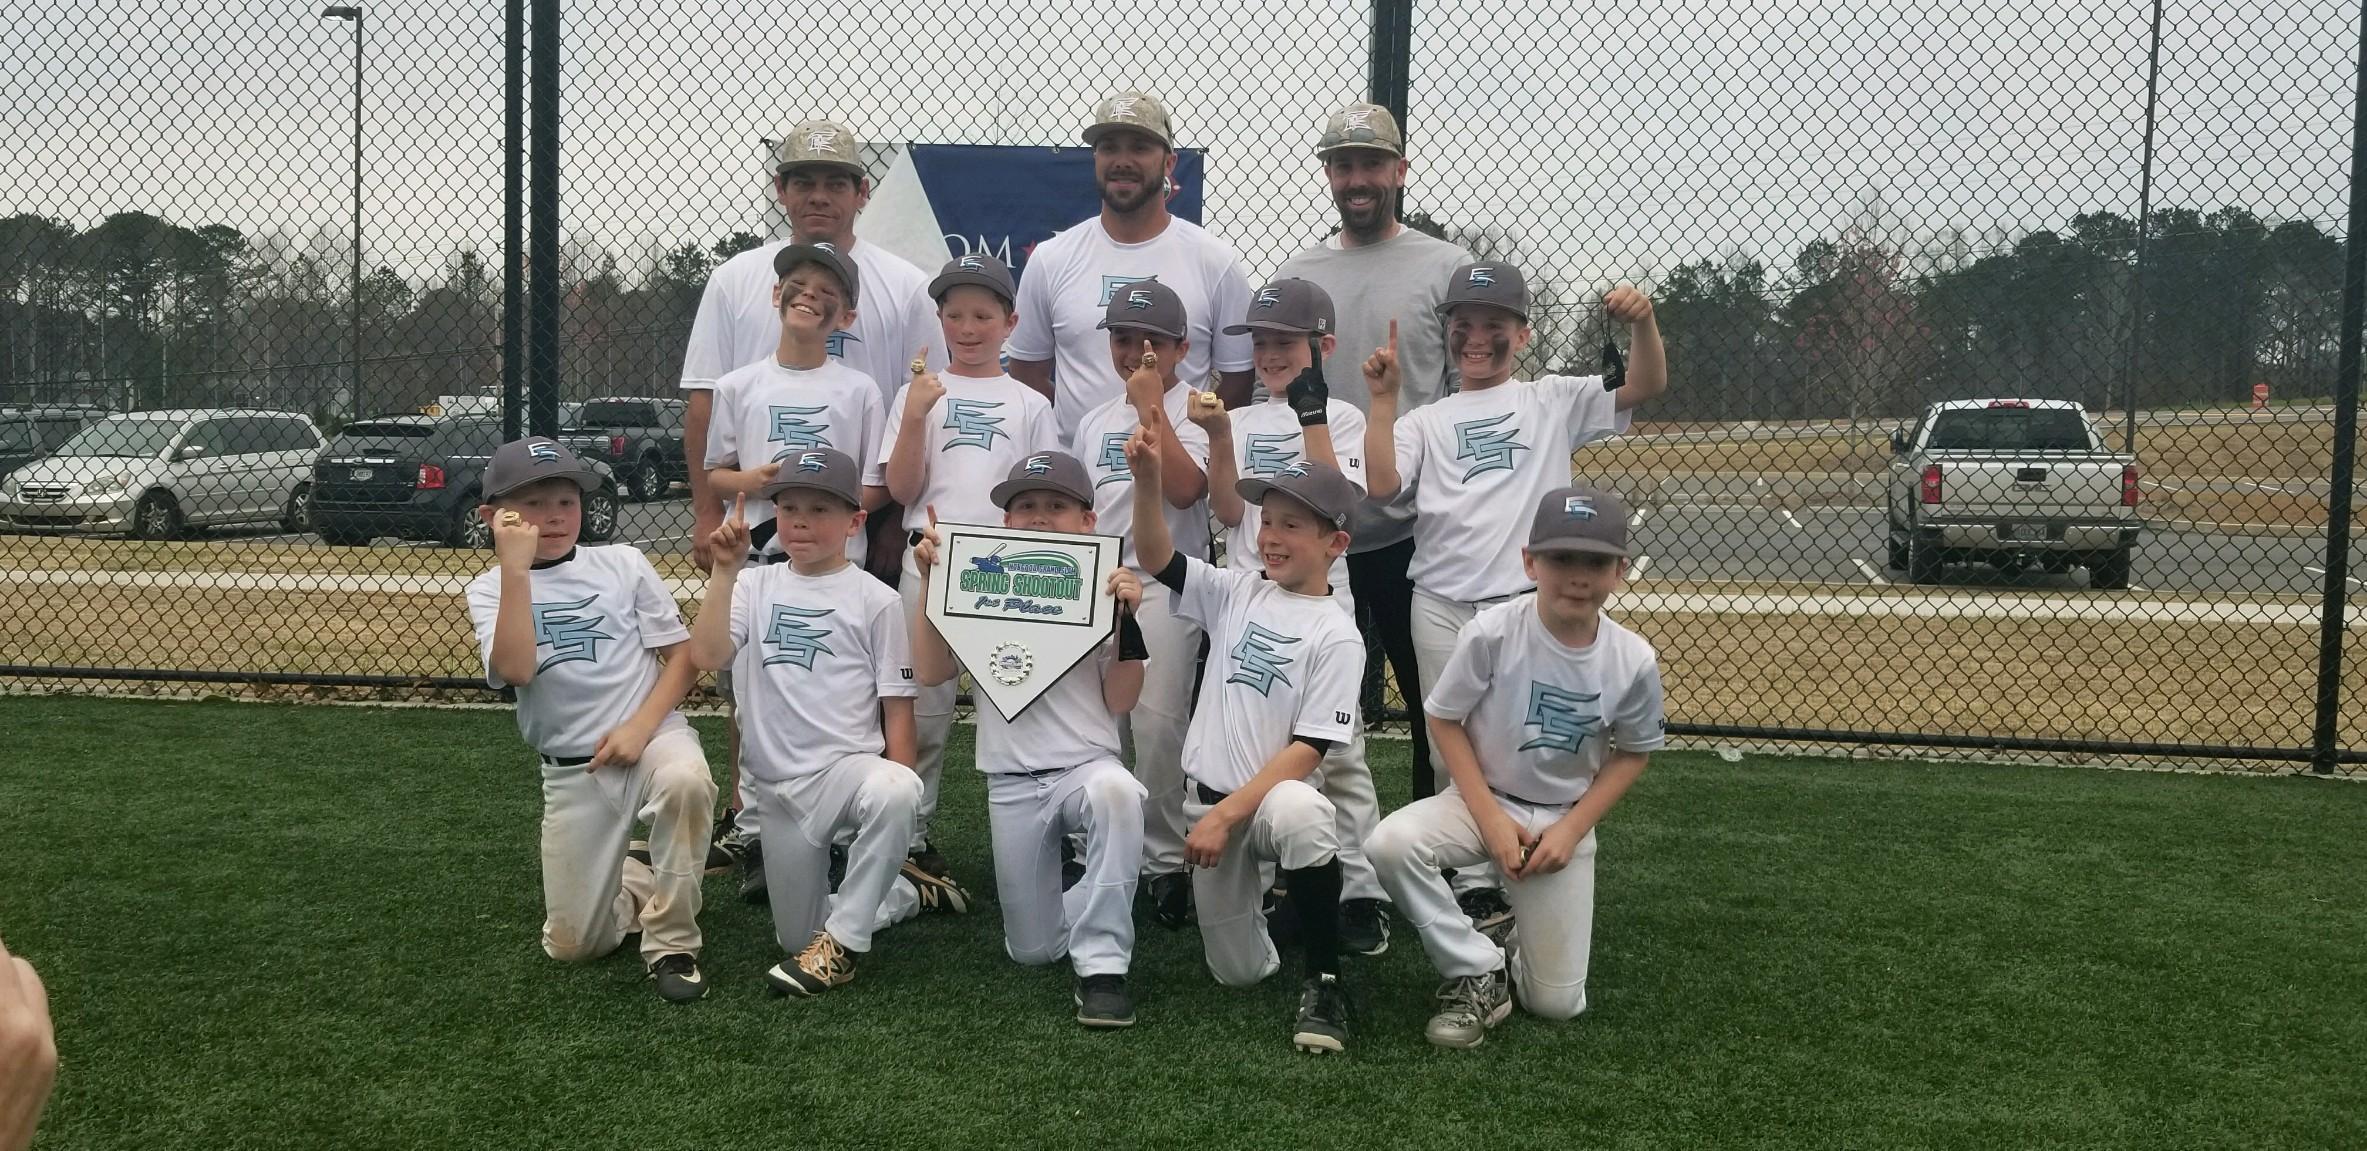 Grand Slam Sports Tournaments | Baseball | Team Elite Sluggers